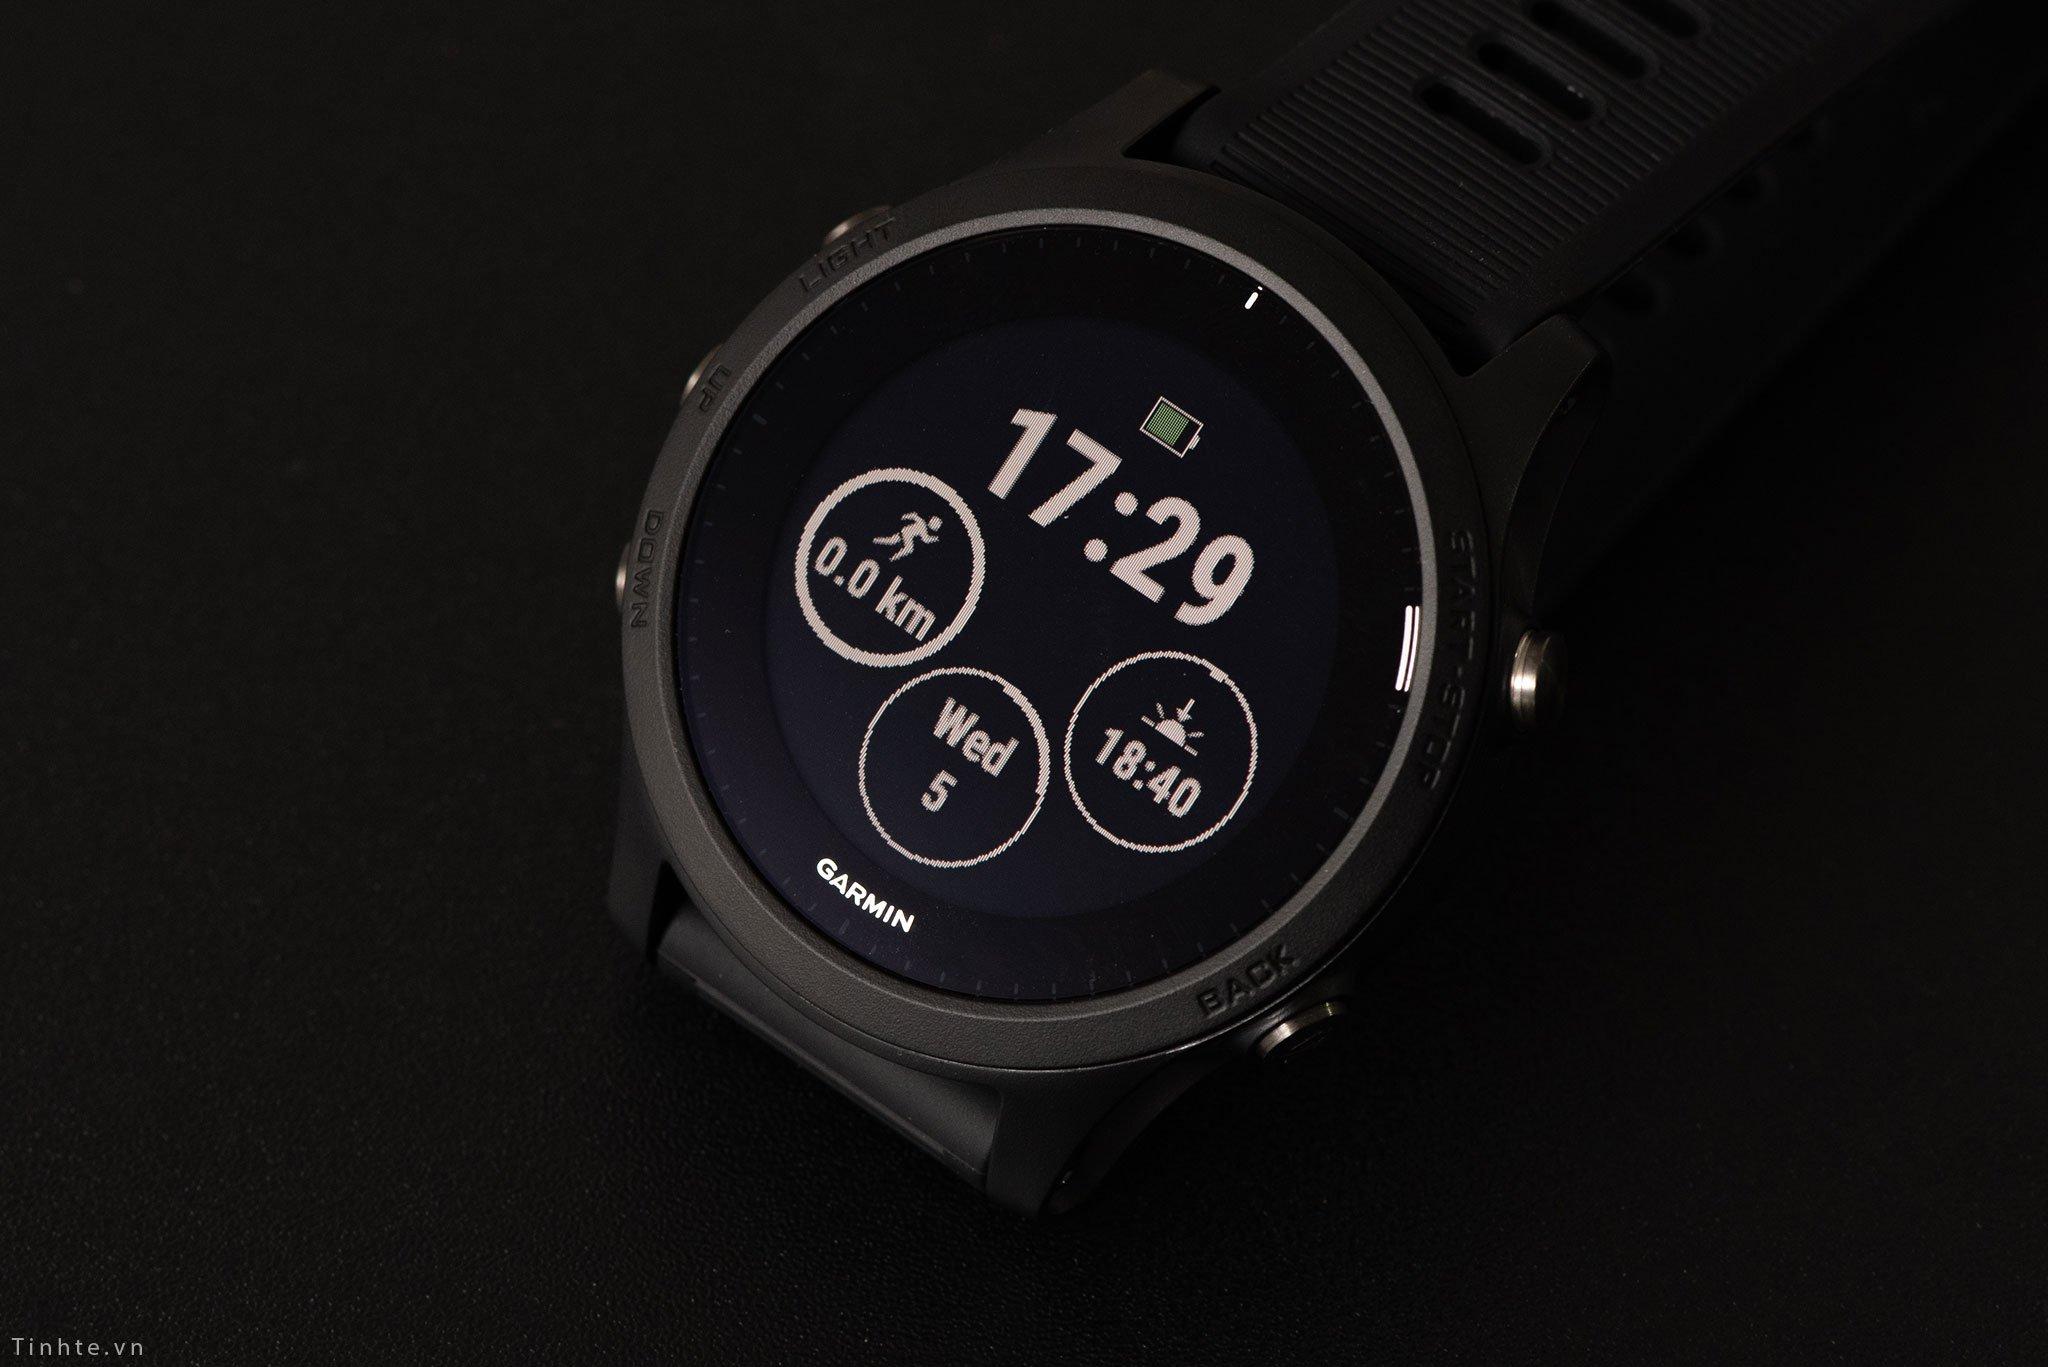 Review đồng hồ GPS tốt nhất cho chạy bộ Forerunner 945